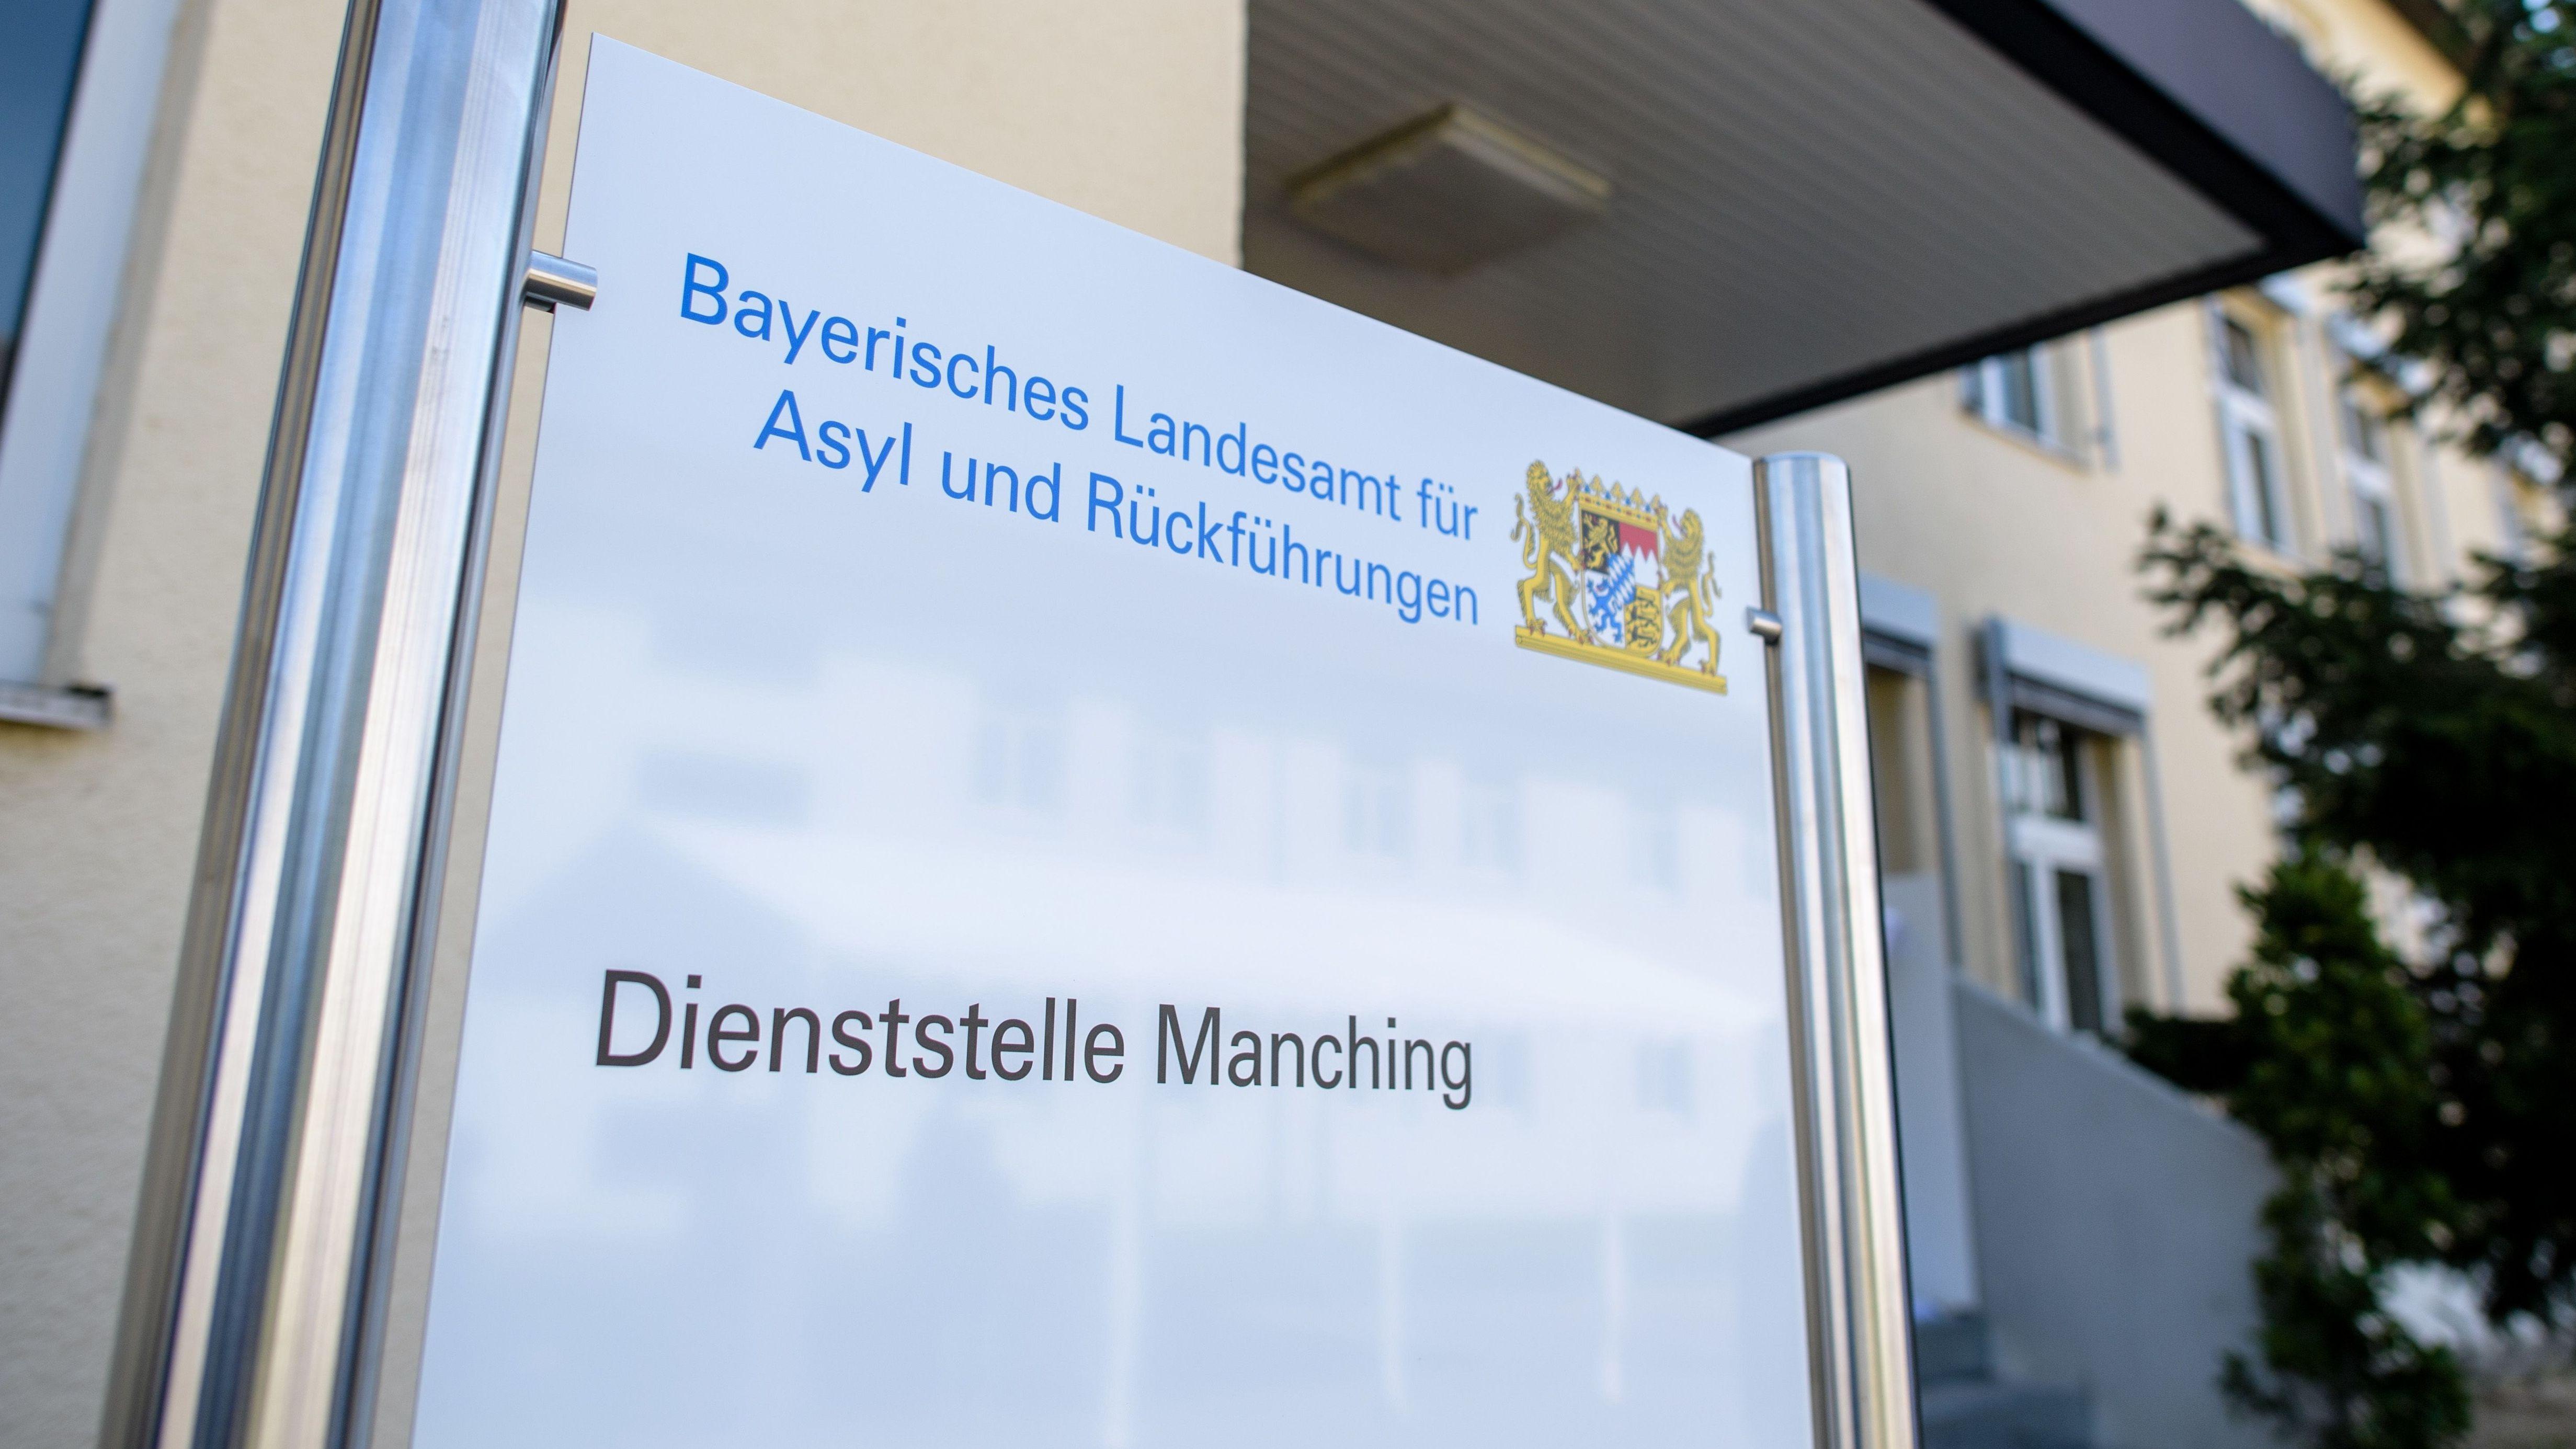 Landesamt für Asyl und Rückführungen